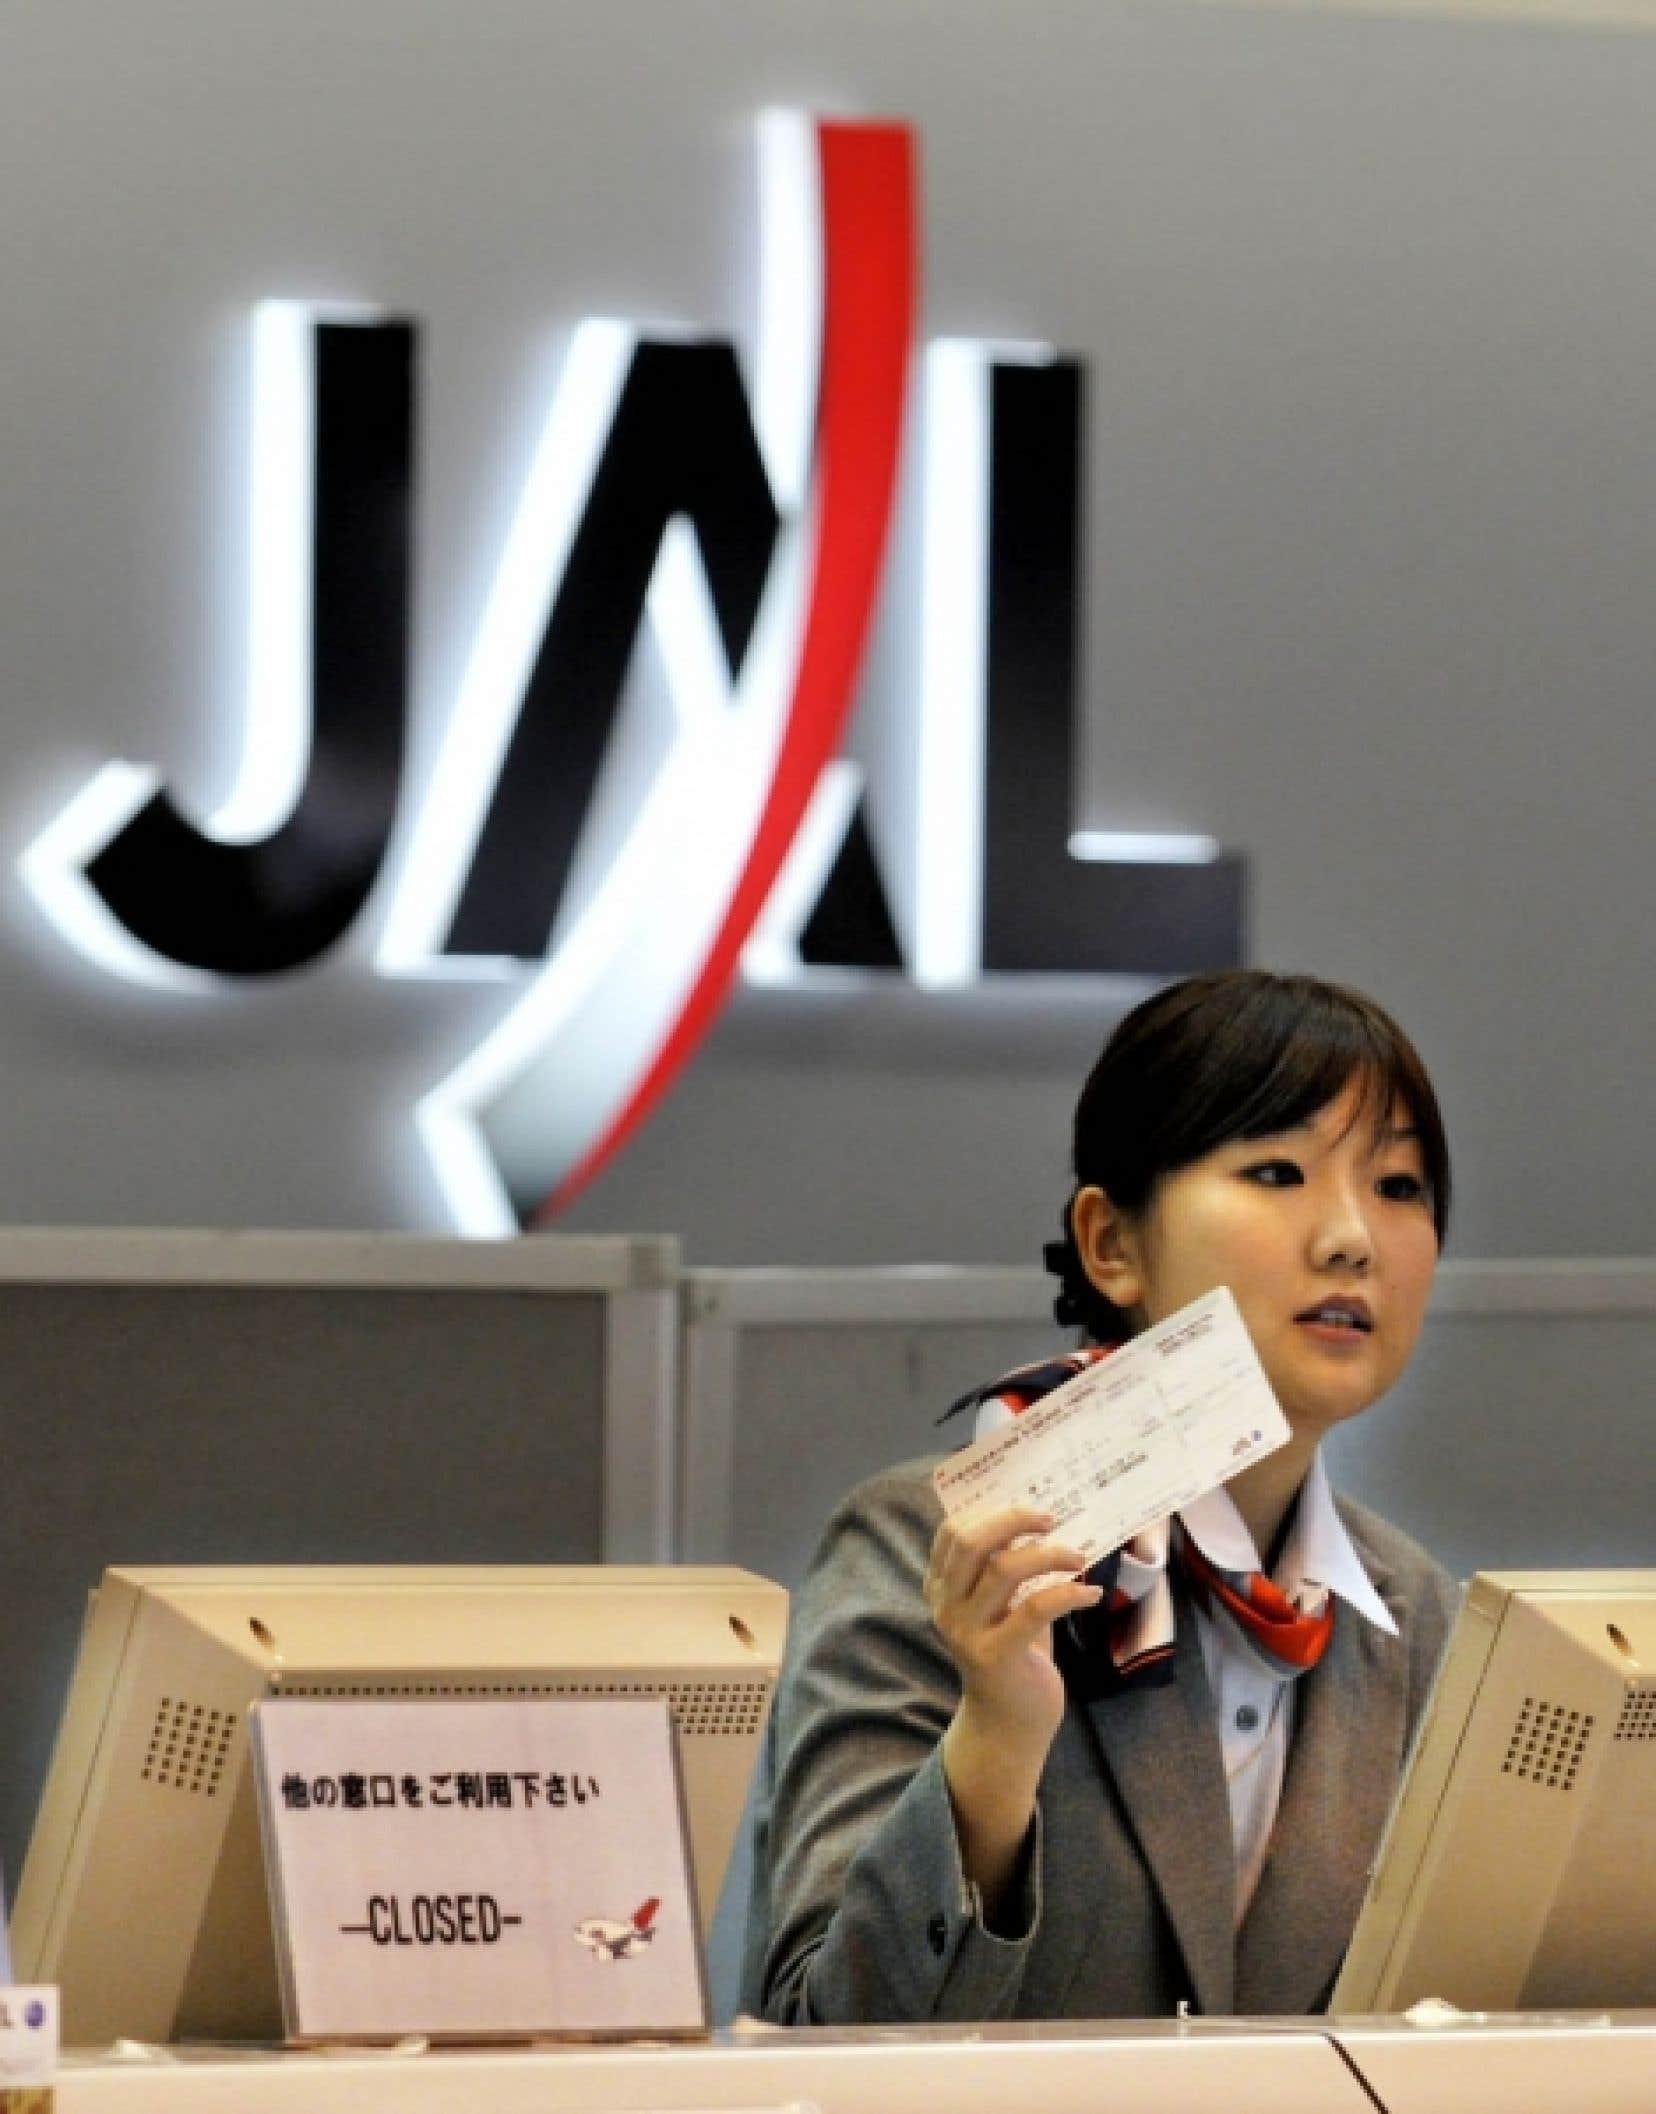 Selon les médias japonais, l'ancienne compagnie publique pourrait déposer son bilan dans les prochaines semaines et faire l'objet d'une procédure de redressement judiciaire.